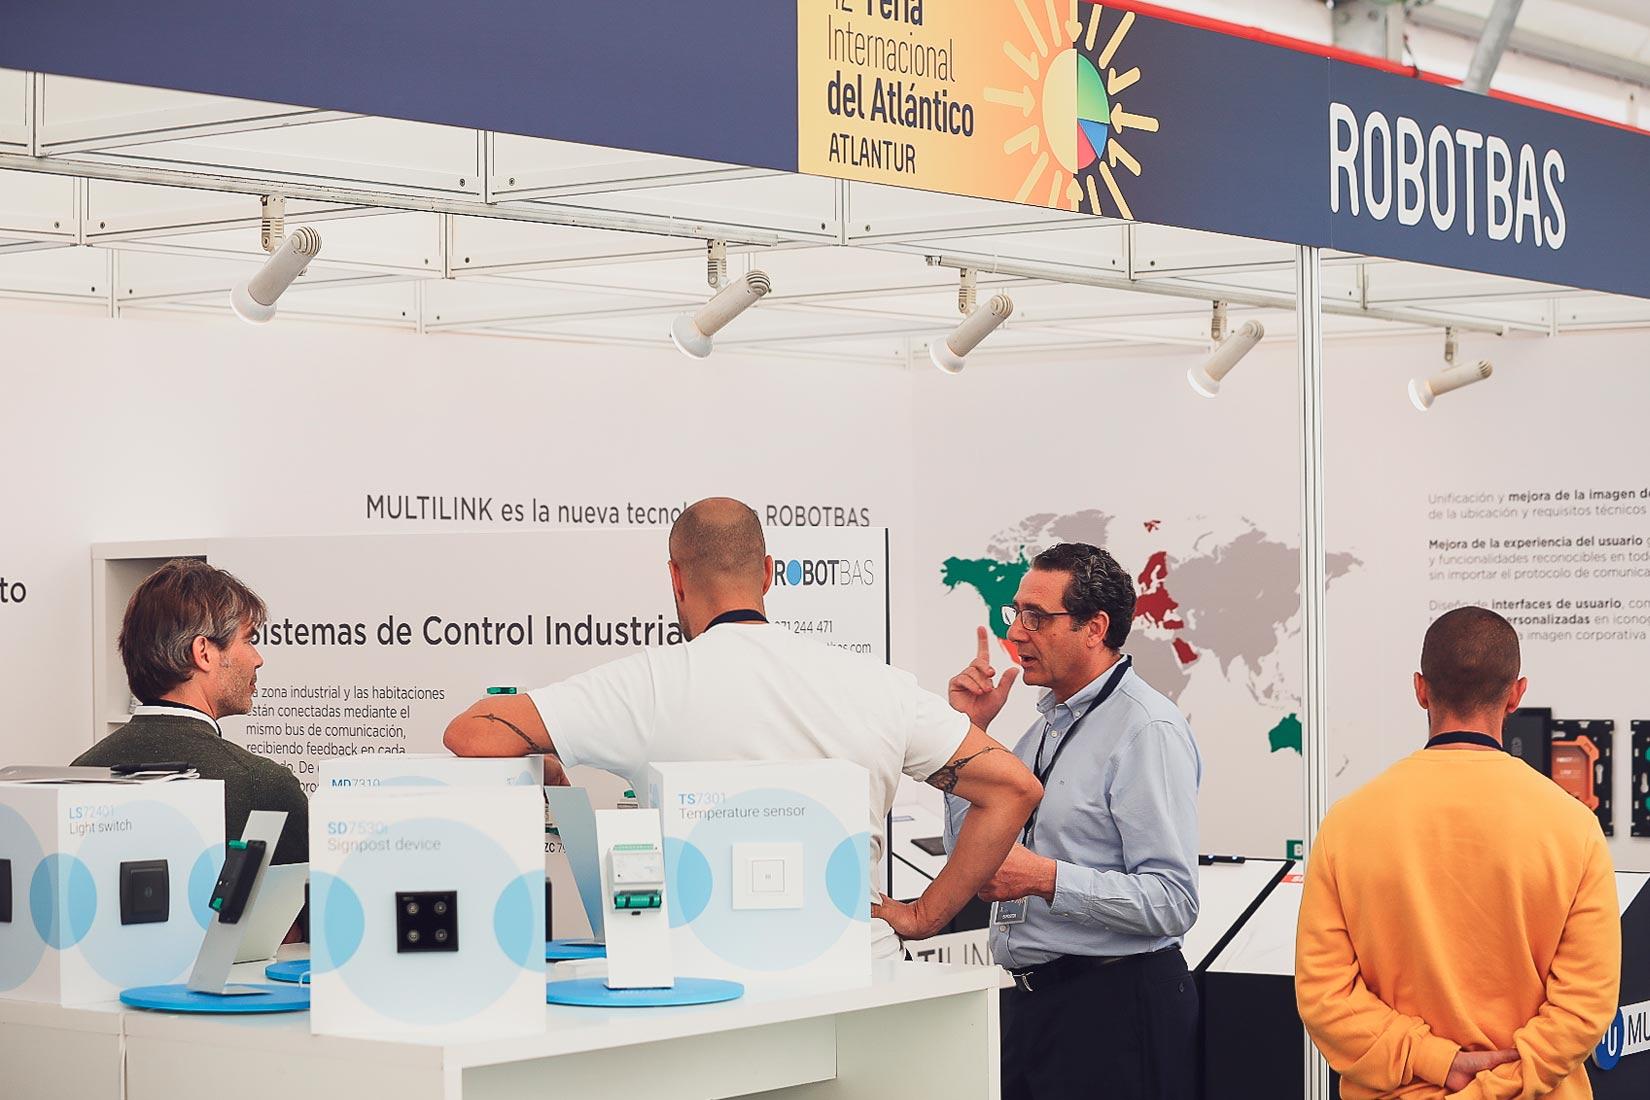 robotbas at the atlantic fair